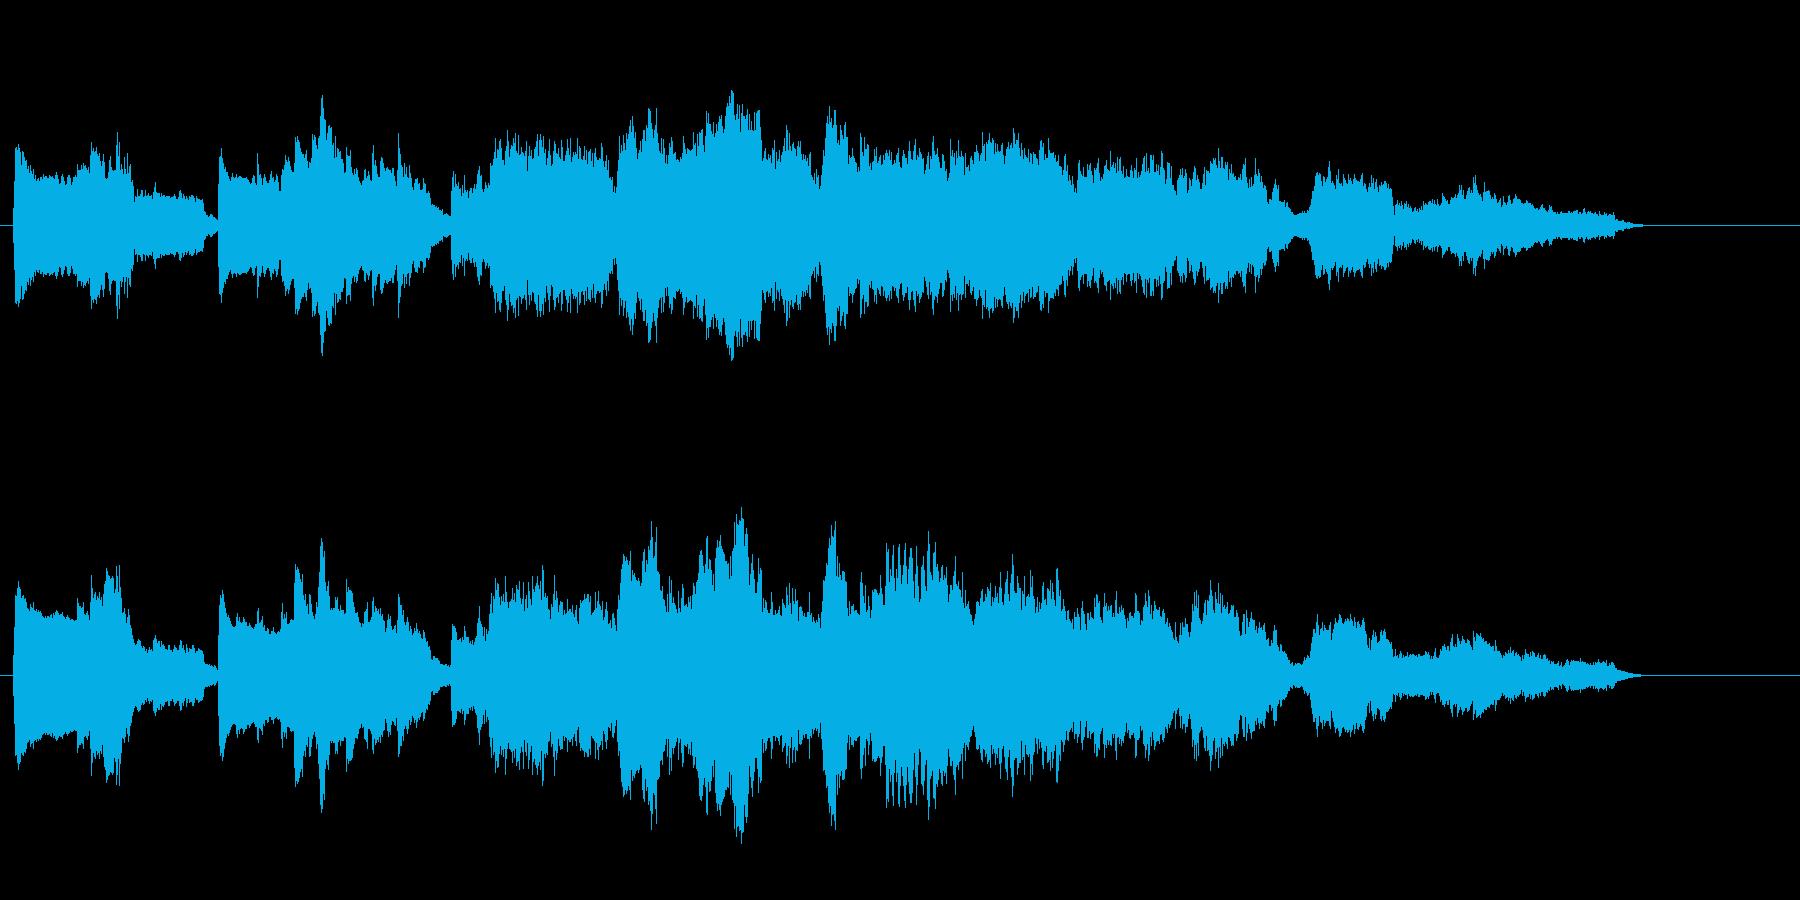 静寂感のある神秘的な環境音楽の再生済みの波形